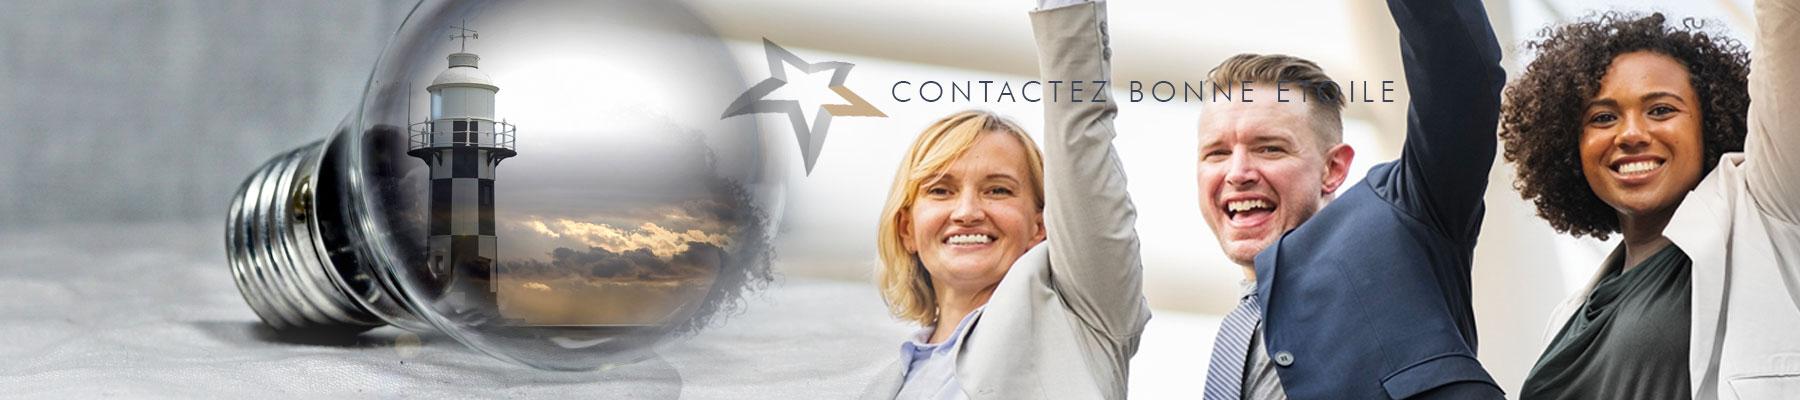 Bonne-Etoile-expertise-immobilière-Contact